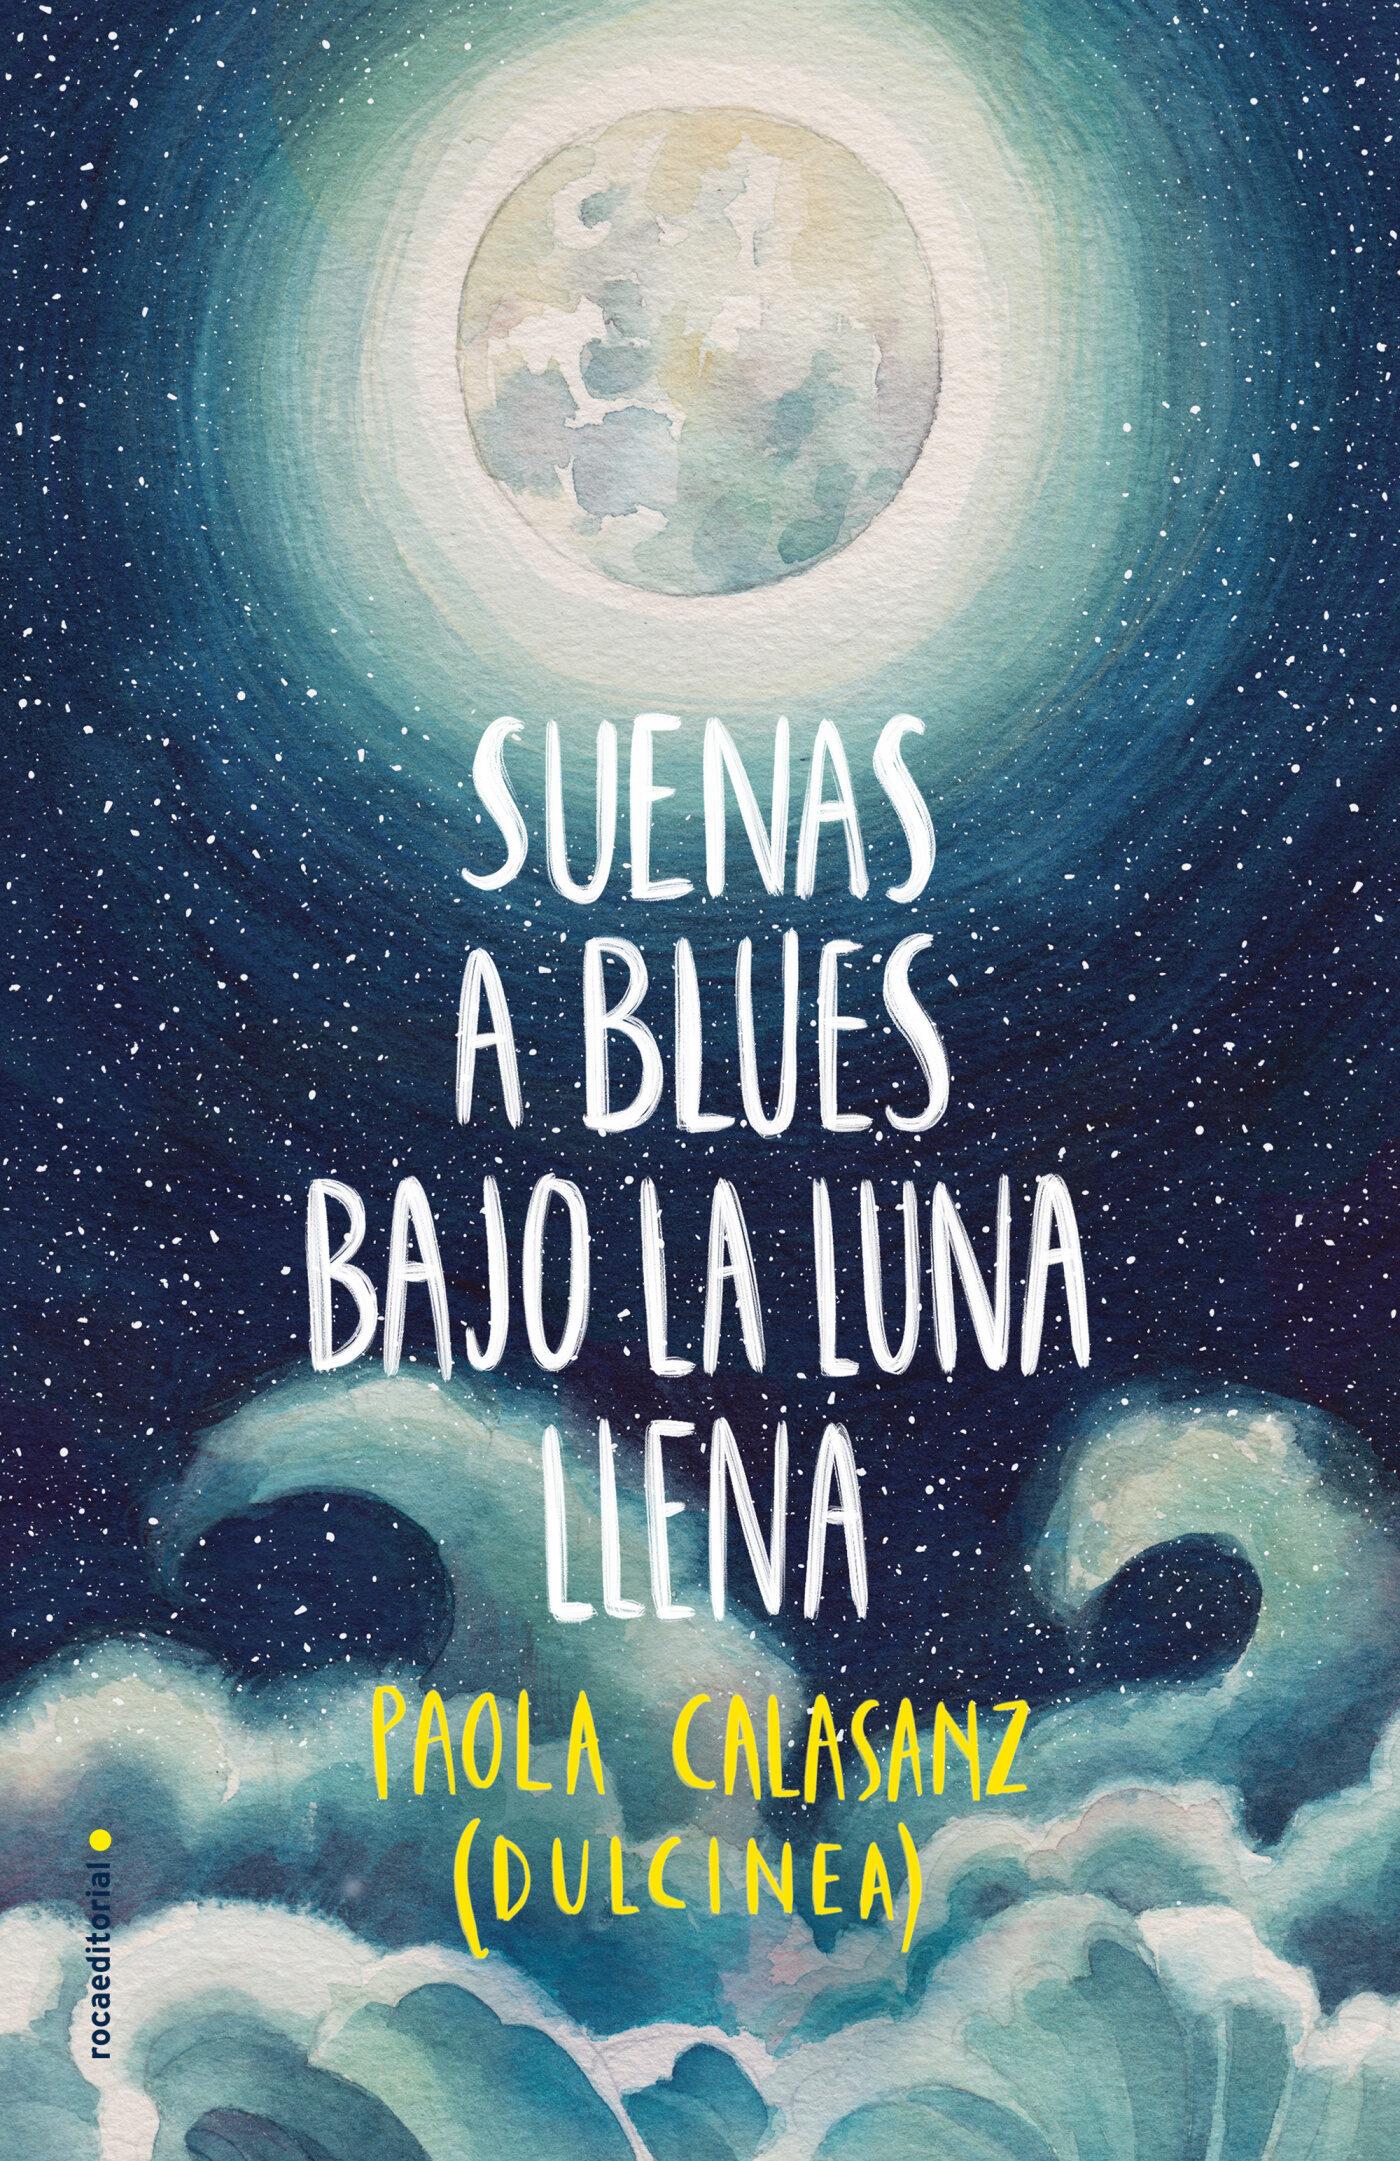 suenas a blues bajo la luna llena-9788417305789